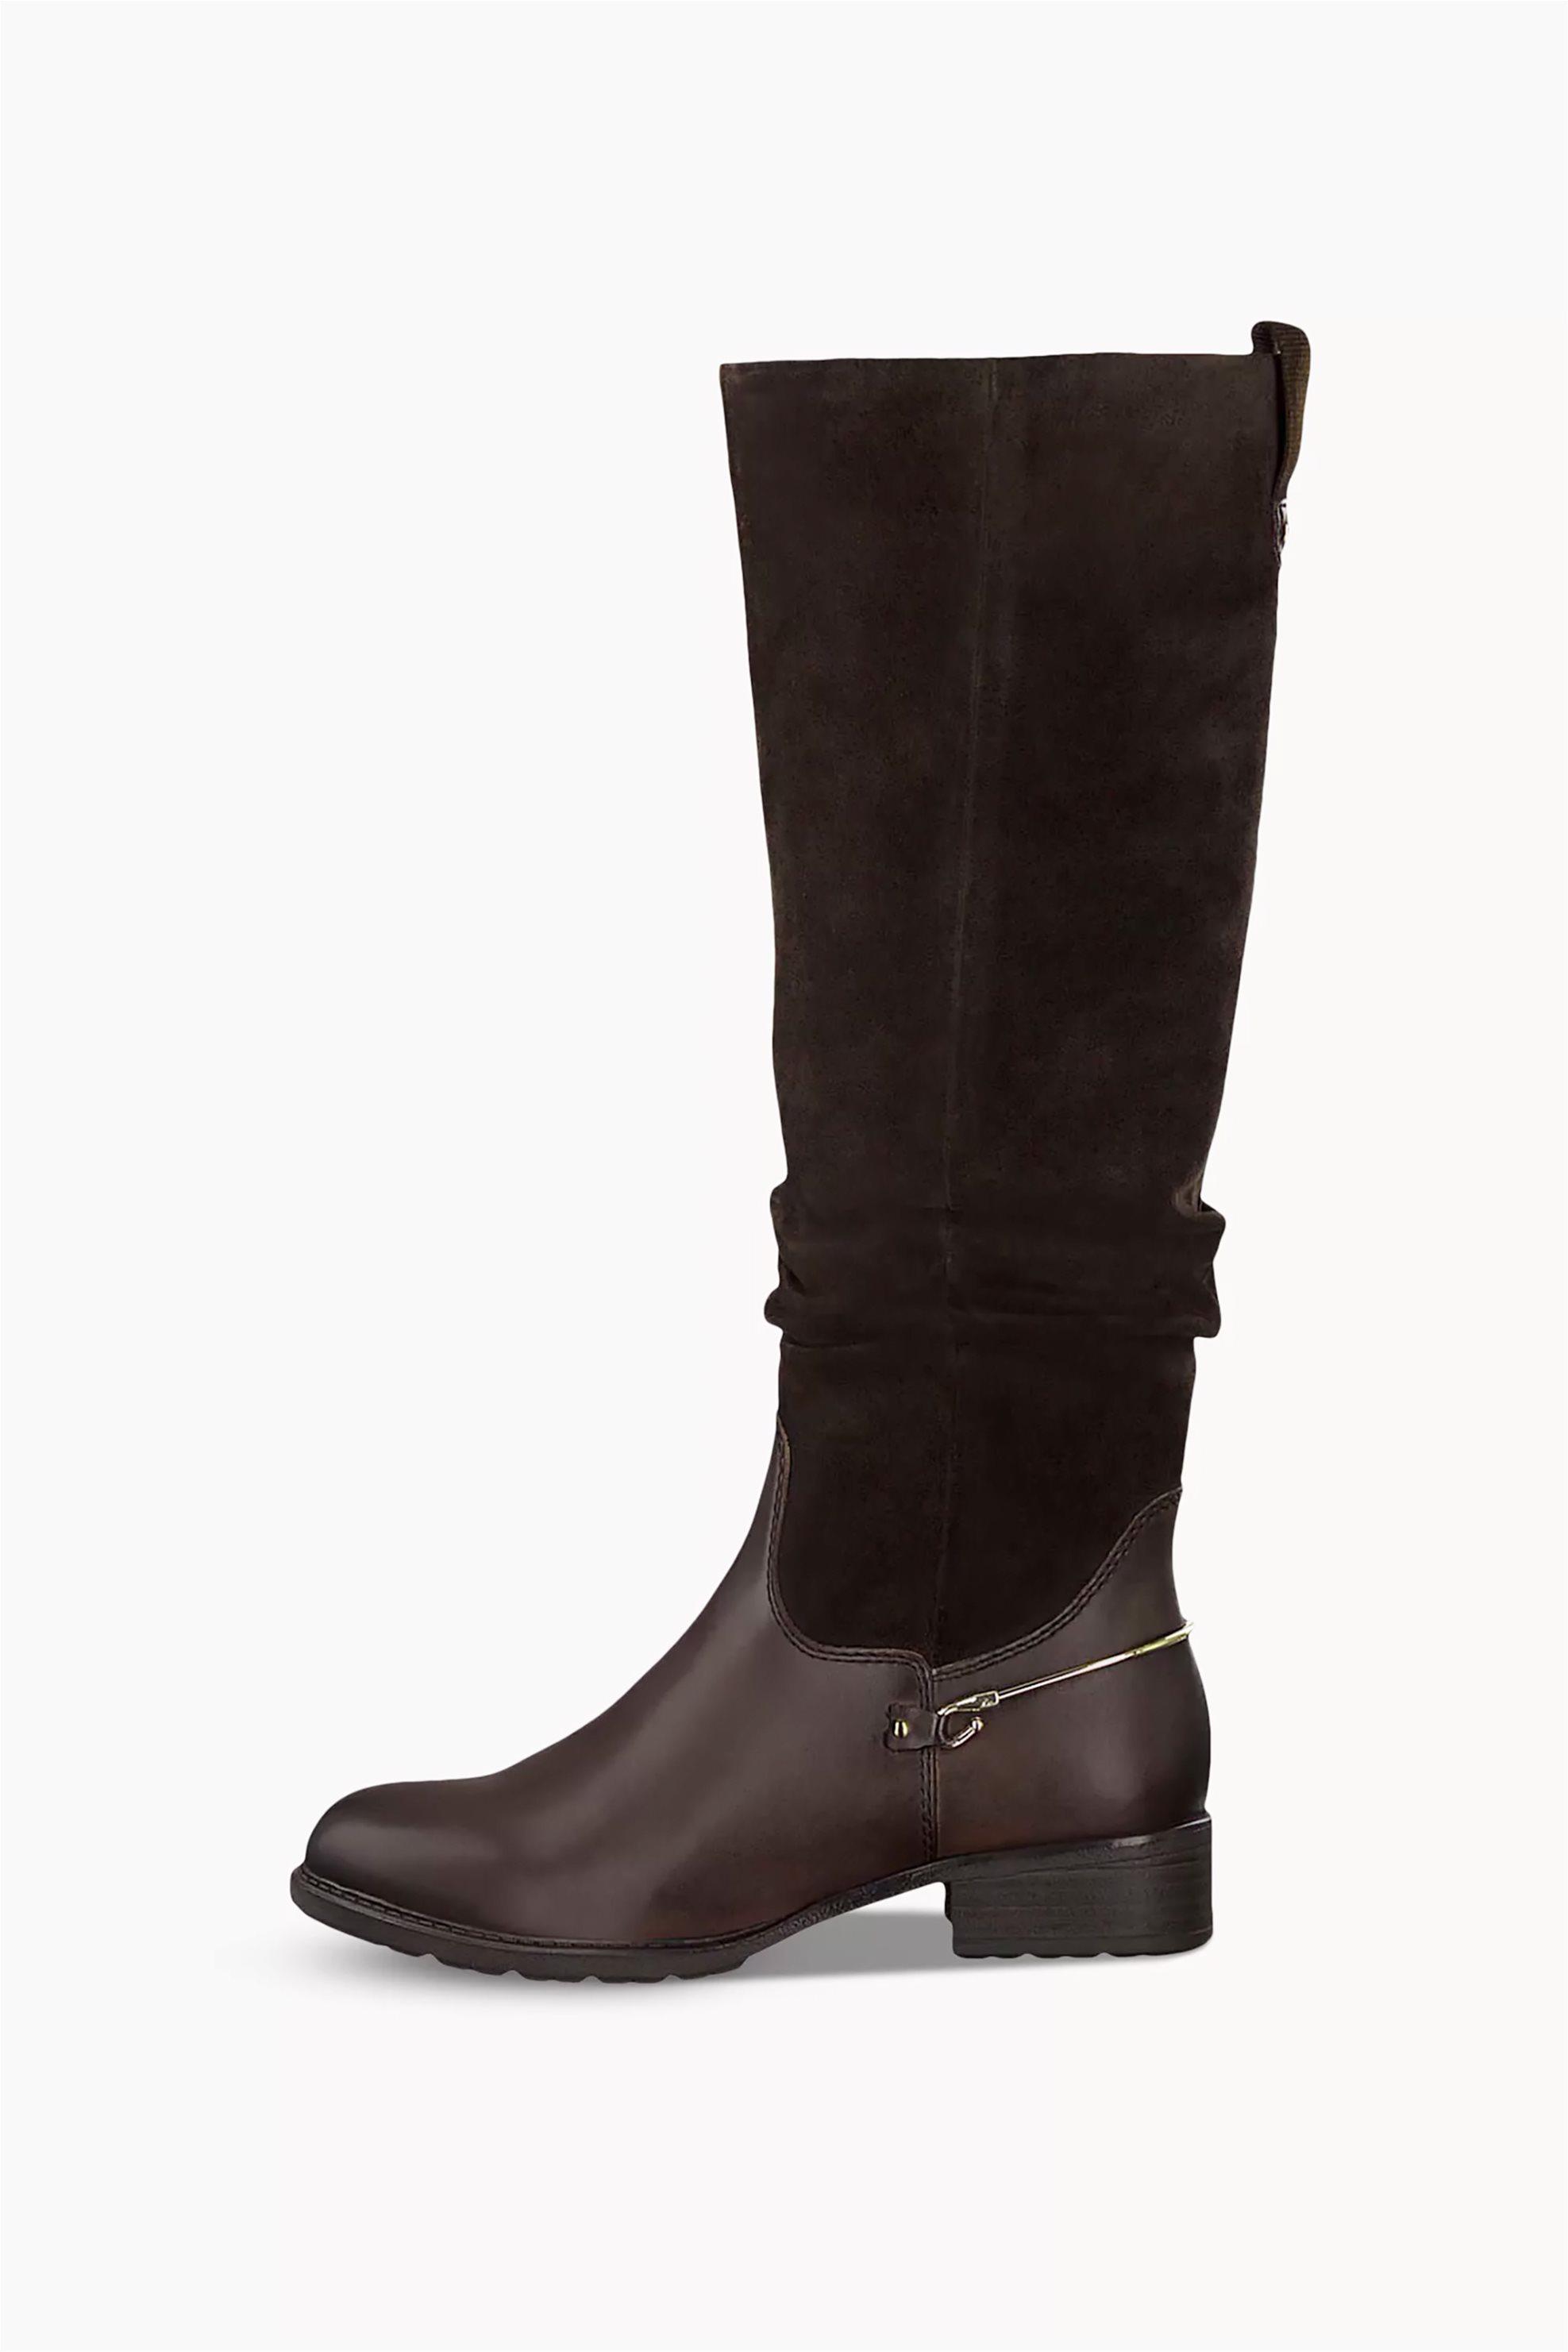 Τamaris γυναικείες δερμάτινες μπότες με suede λεπτομέρειες – 1-1-25526-23 – Καφέ